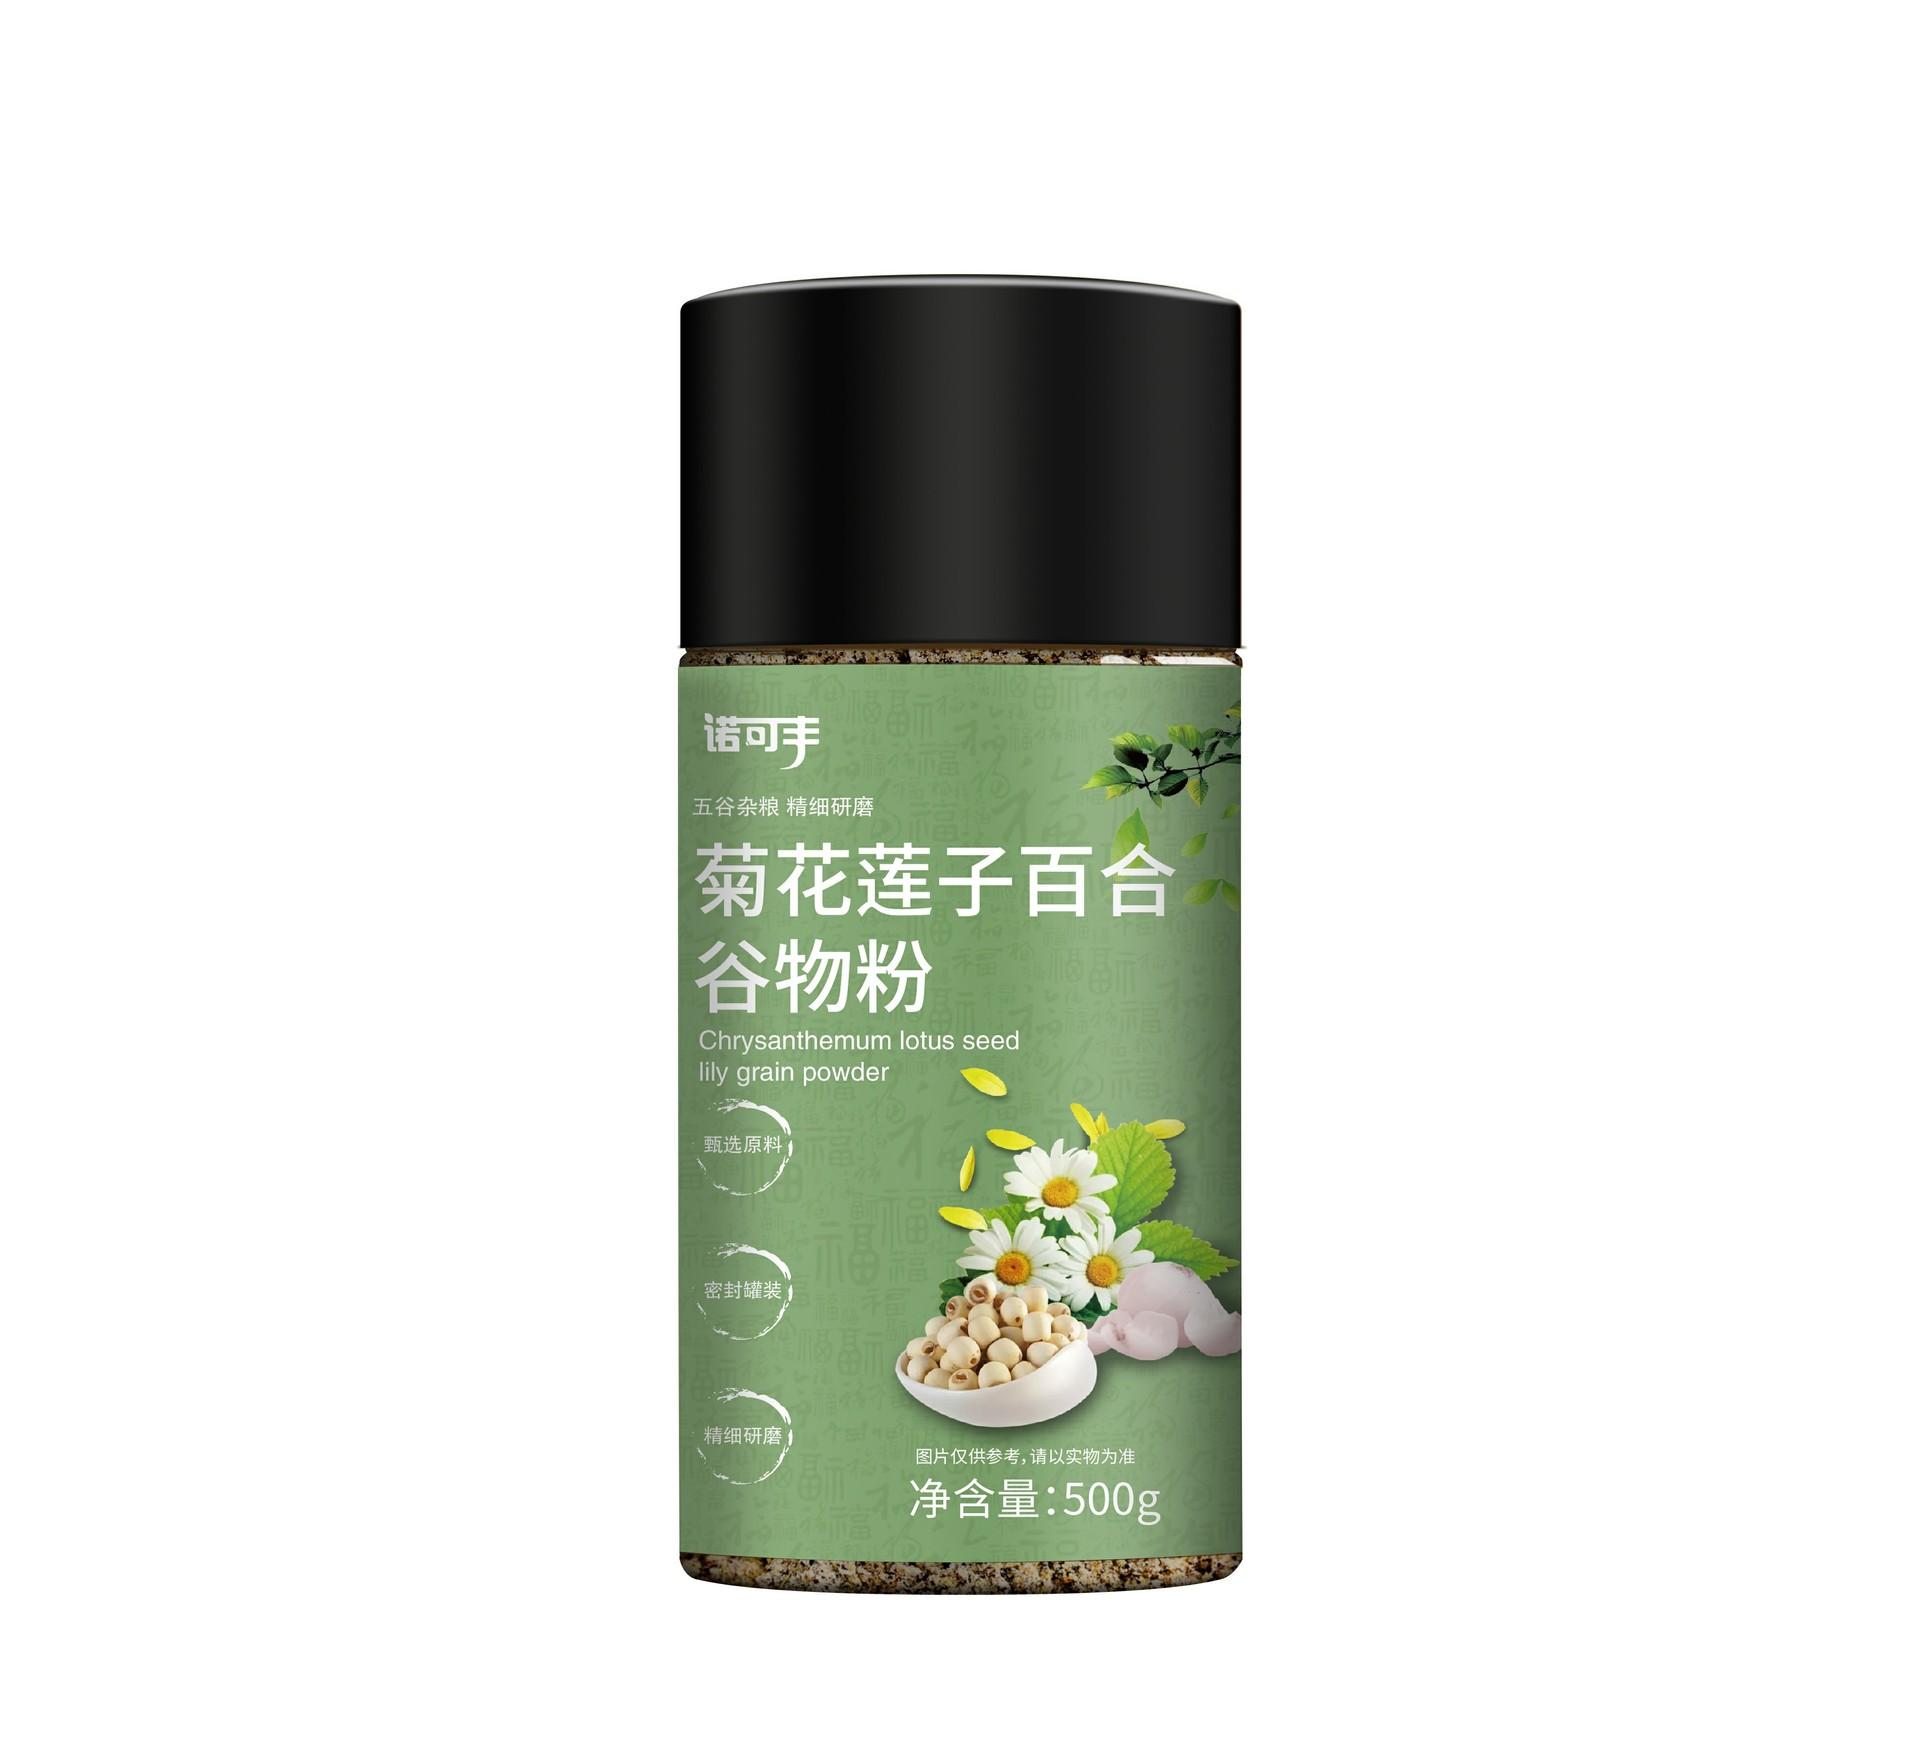 諾可豐-菊花蓮子百合谷物粉